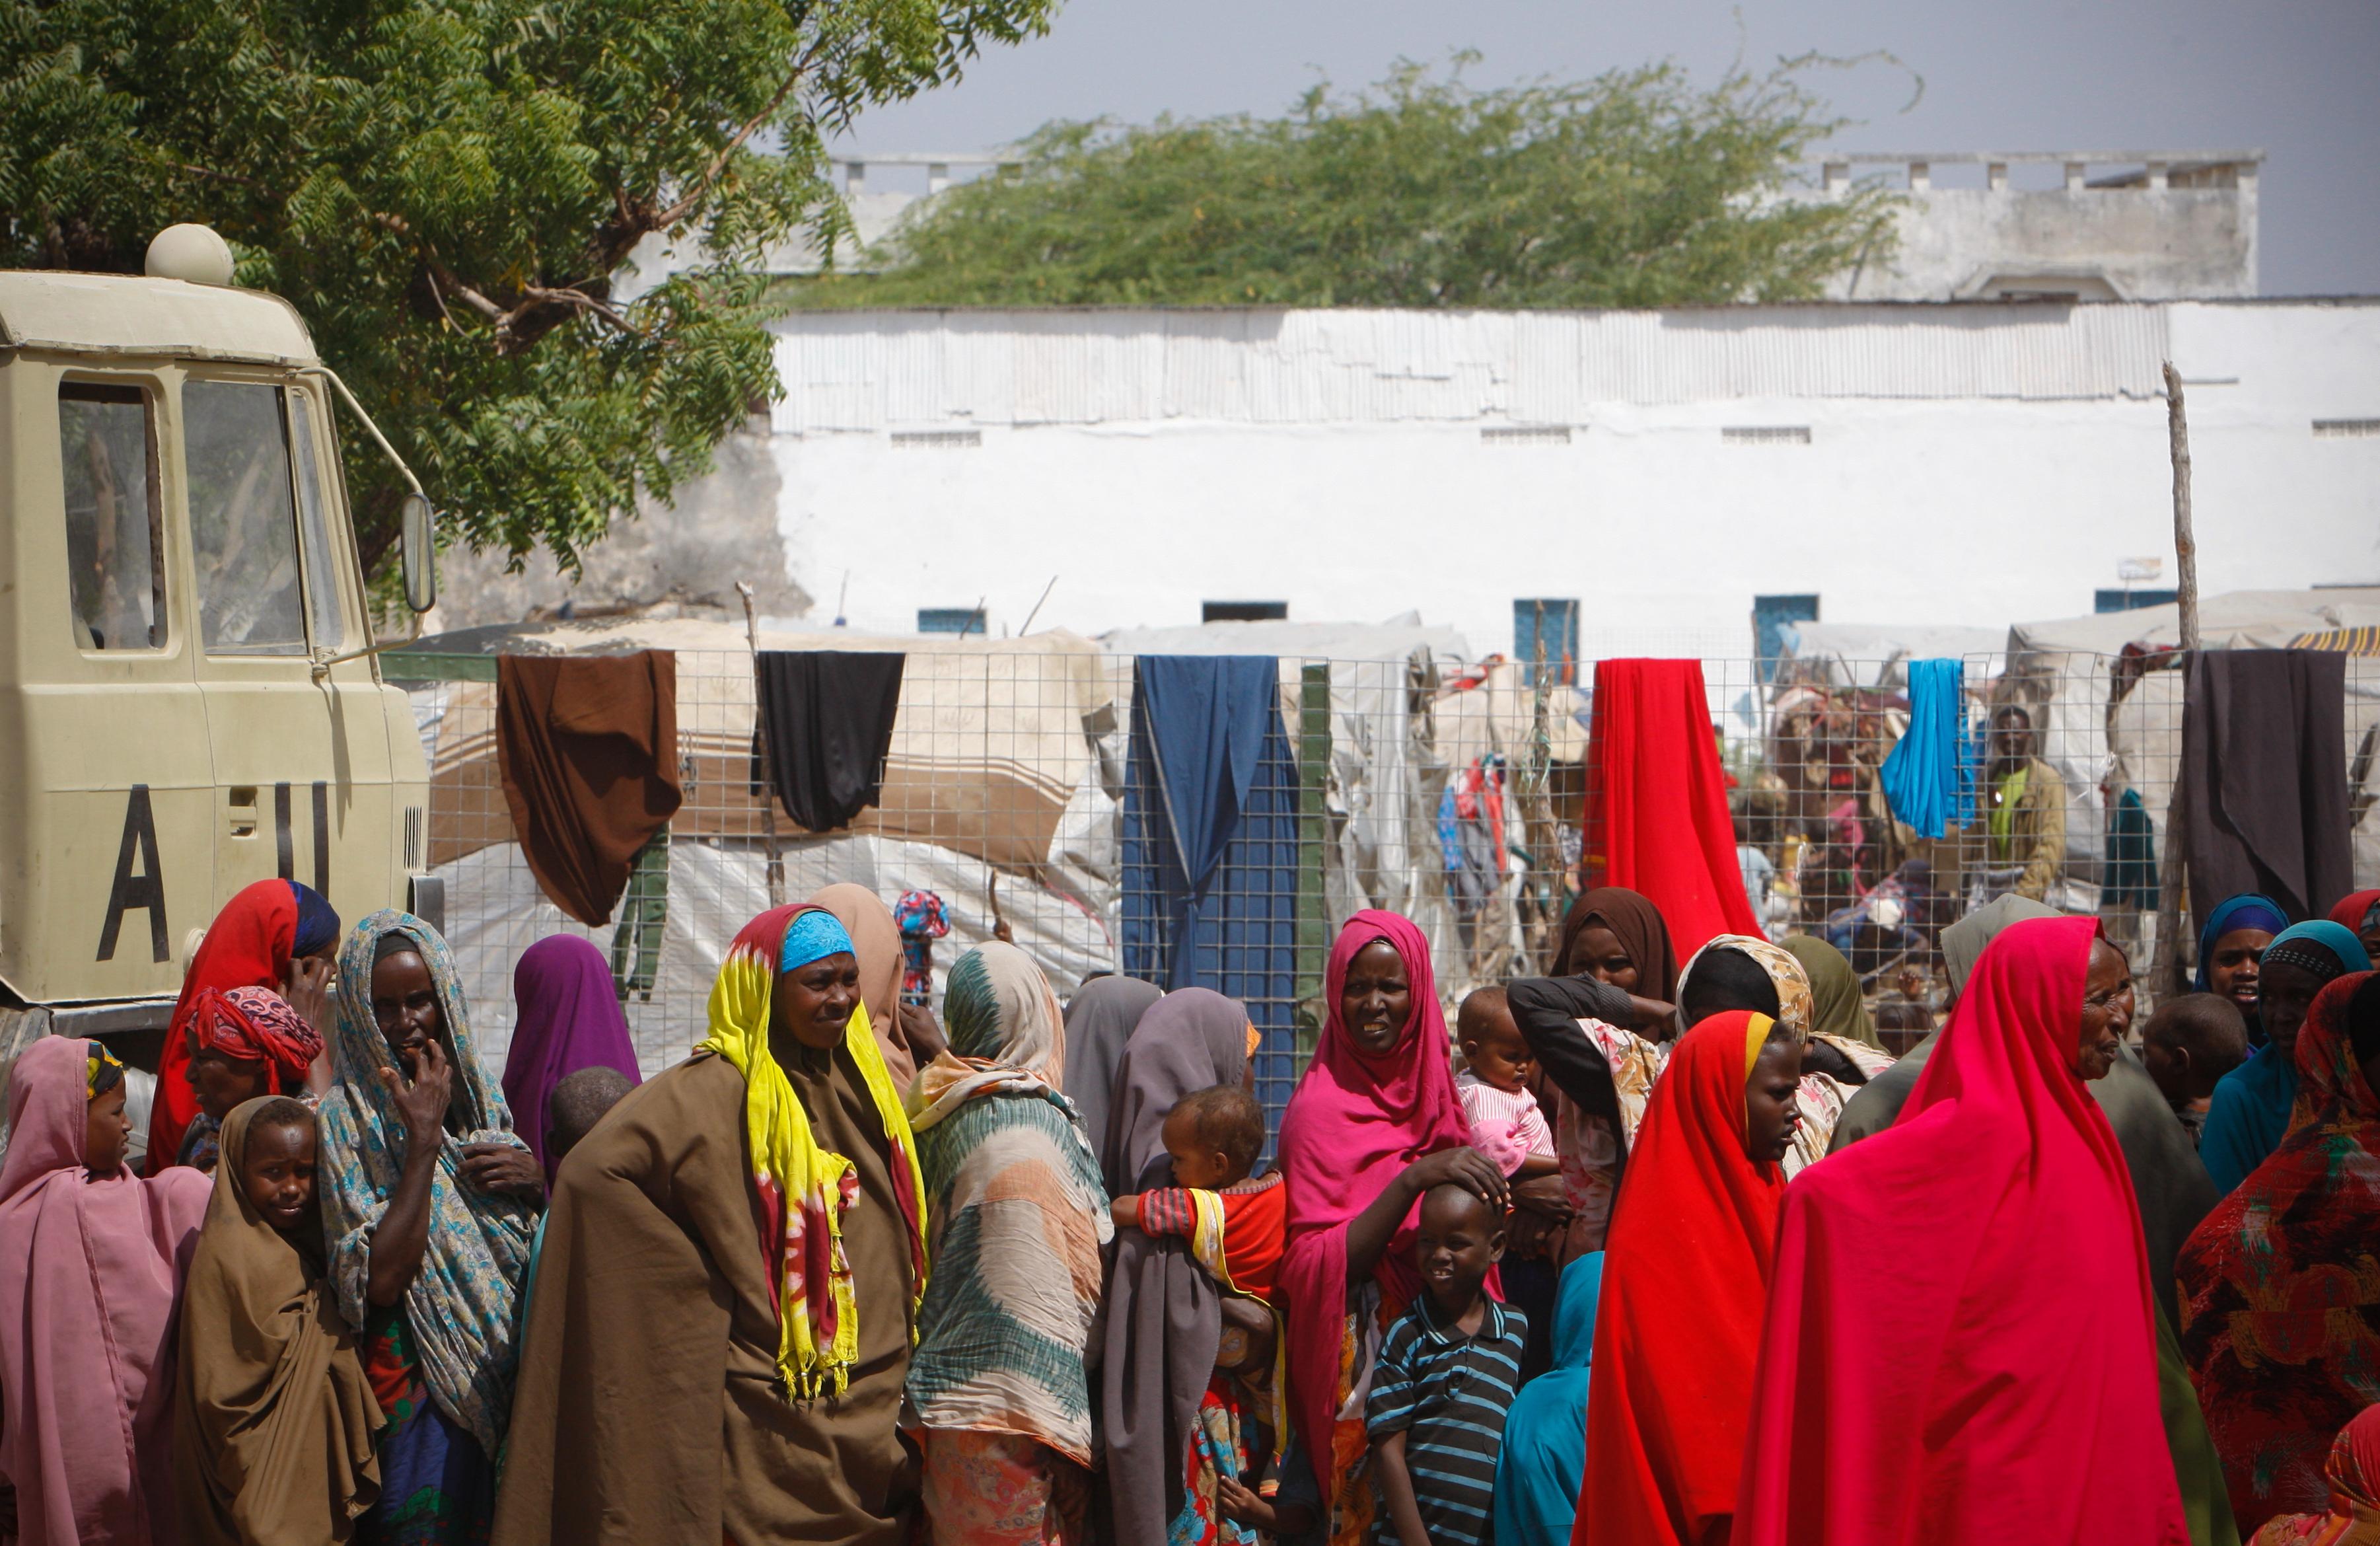 Updf celebrate tarehe sita in somalia 14 photo